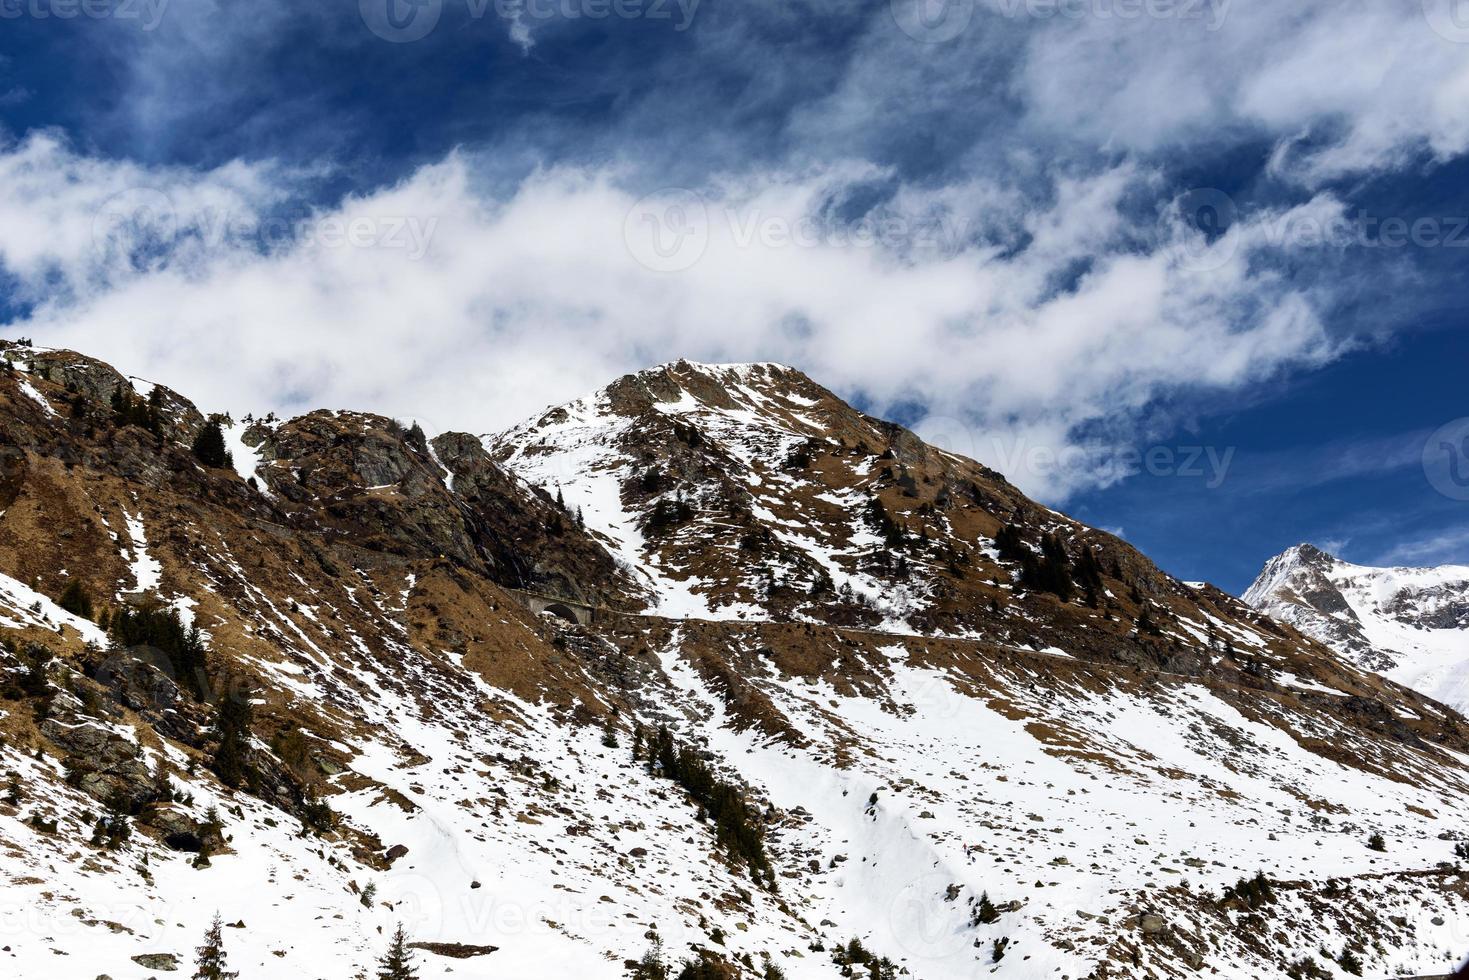 montanhas cobertas de neve e picos rochosos na região dos Cárpatos romenos foto